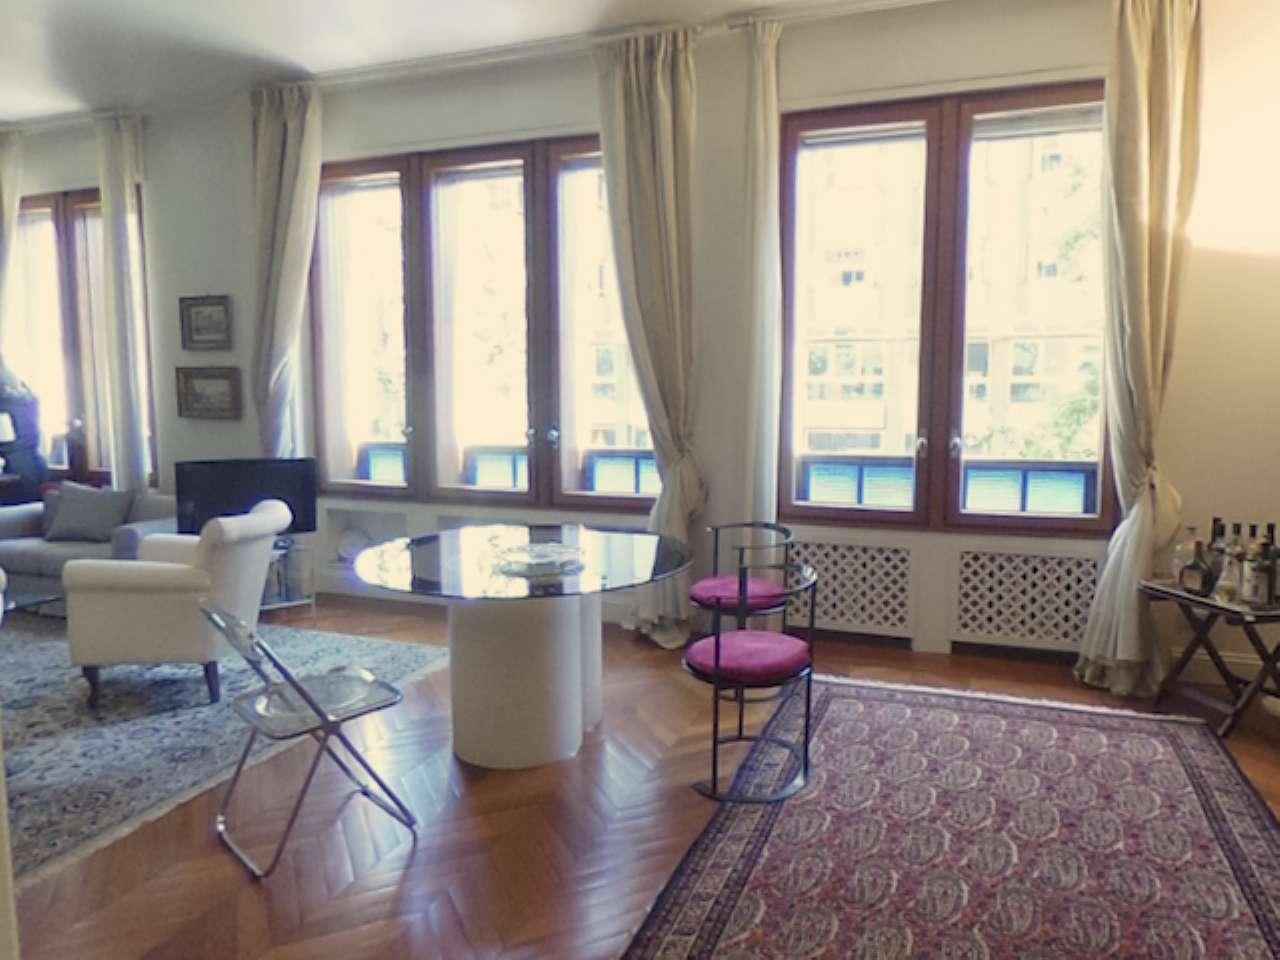 Missori - Nuda proprieta' - Prestigioso appartamento in centro con cantina e doppio garage, foto 0